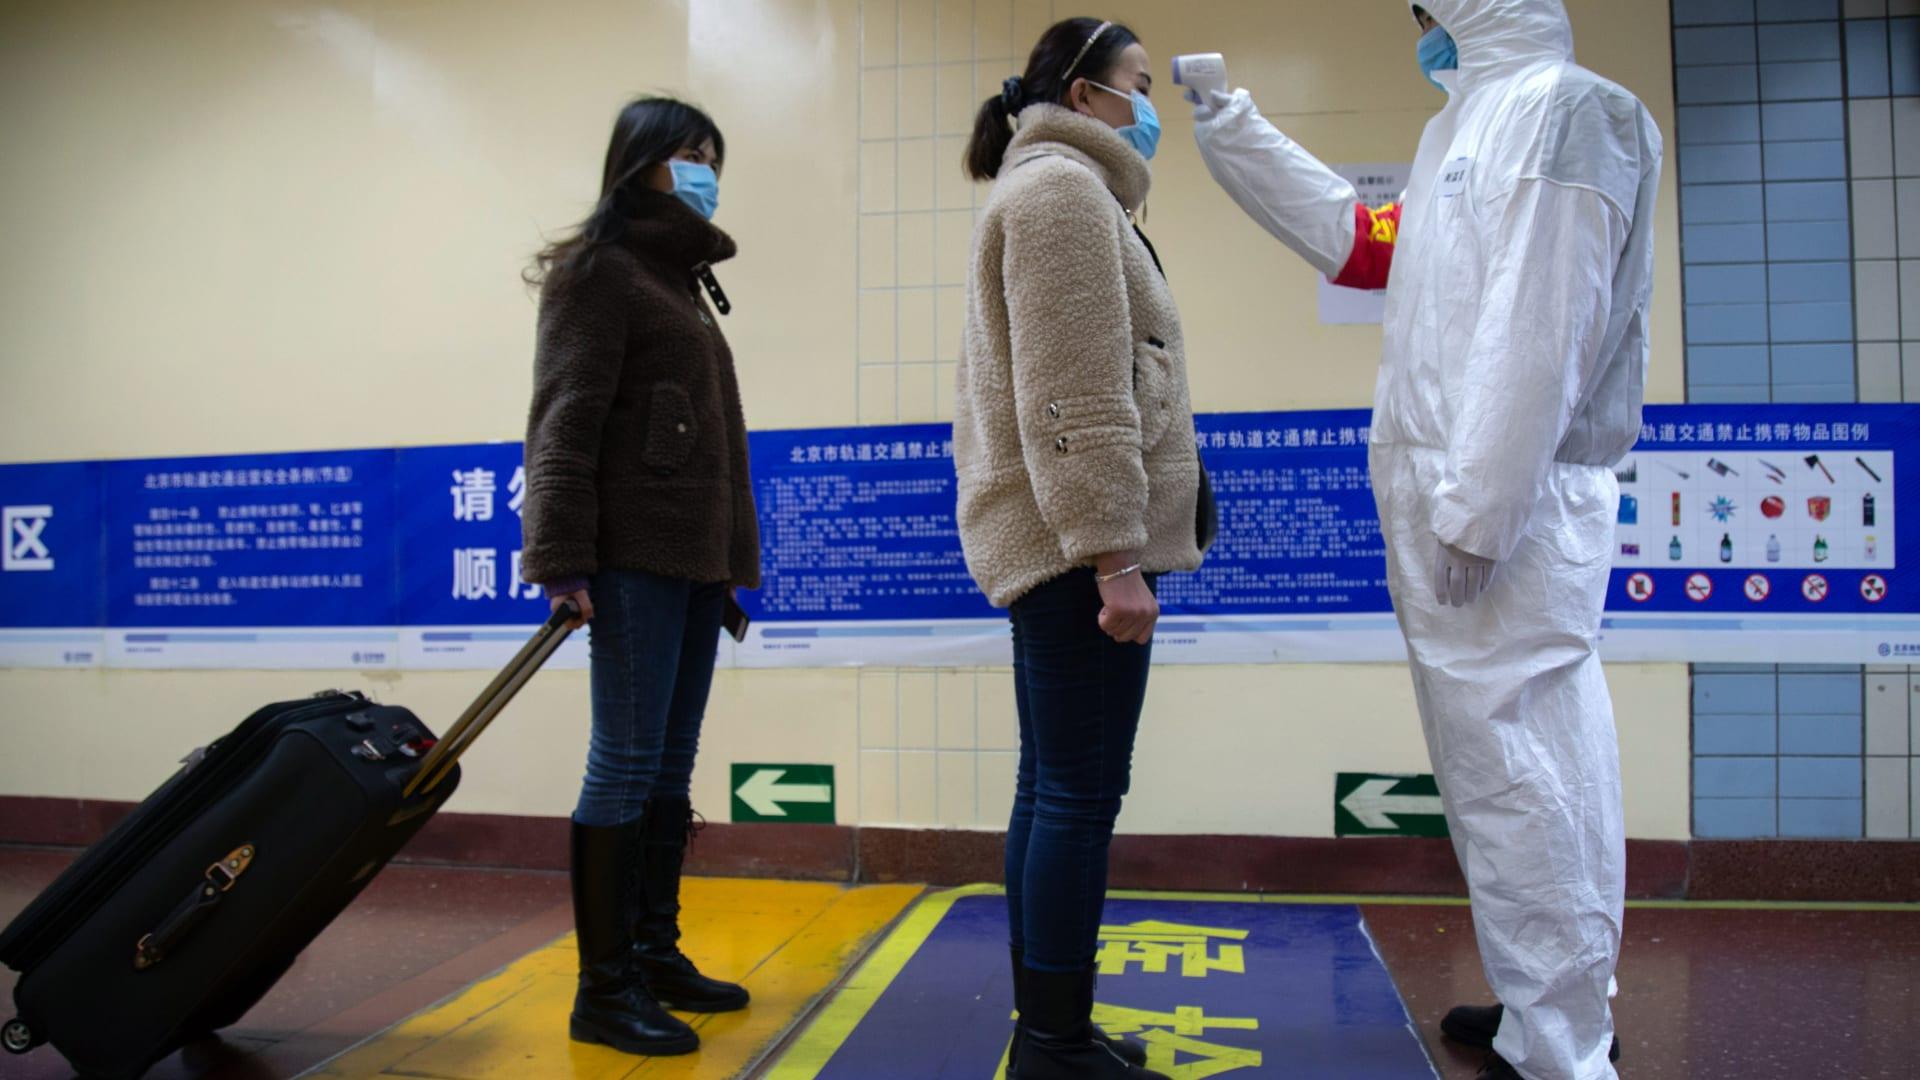 ماذا تفعل عشرات الجرافات في ووهان وسط أزمة فيروس كورونا؟